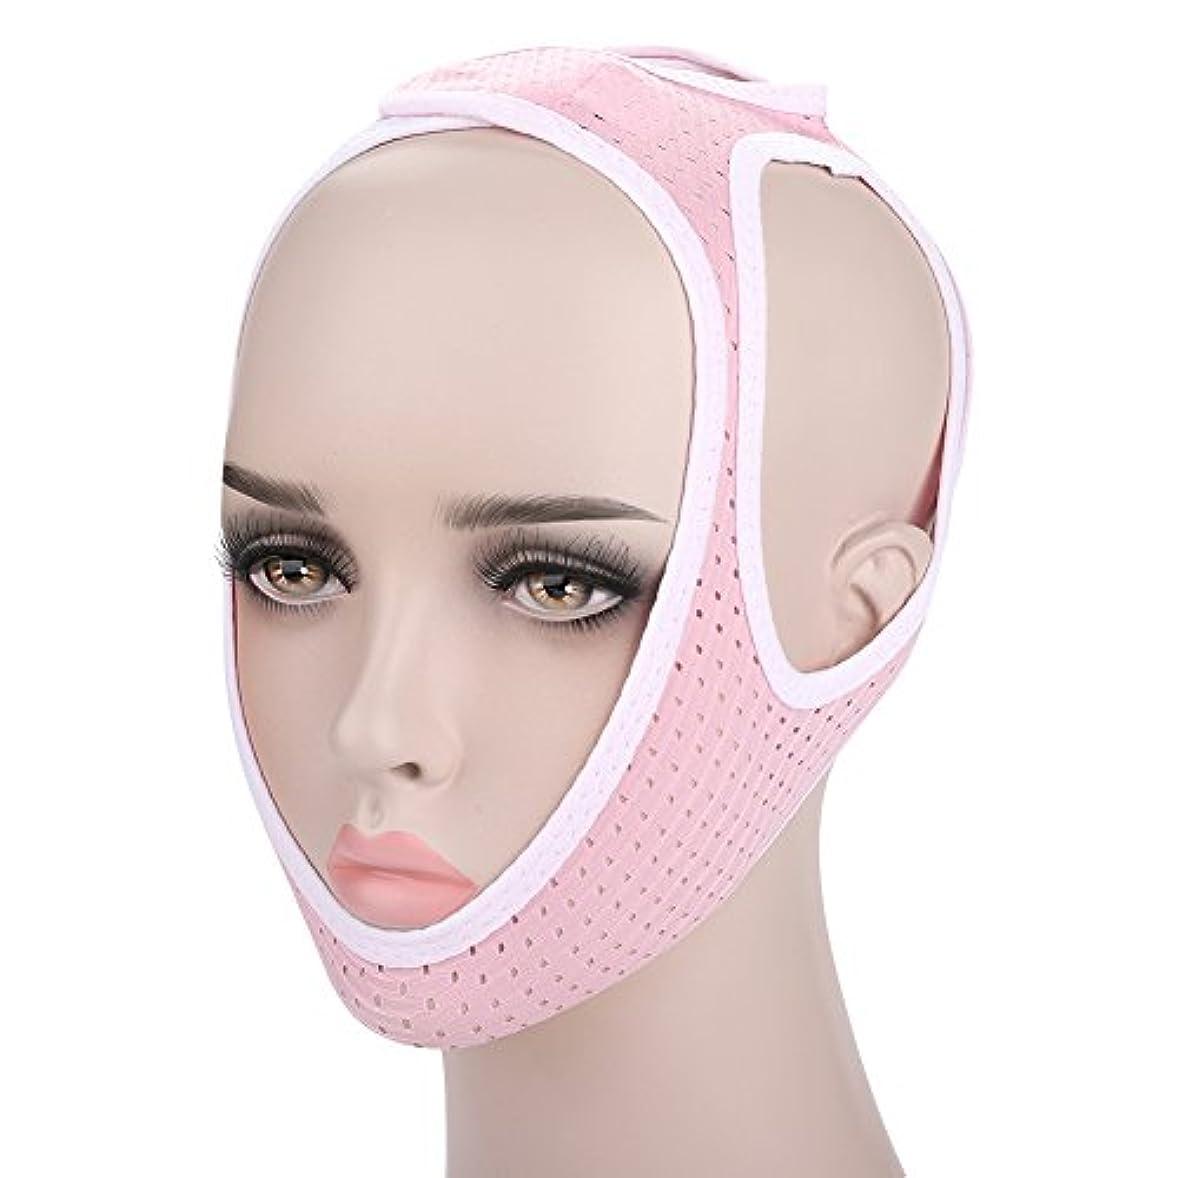 のぞき穴信者負荷小顔 顎リフト 小顔マスク フェイシャルスリミングマスク グッズ フェイス マスク 顔の包帯スリ 小顔ベルト男女兼用 (M)